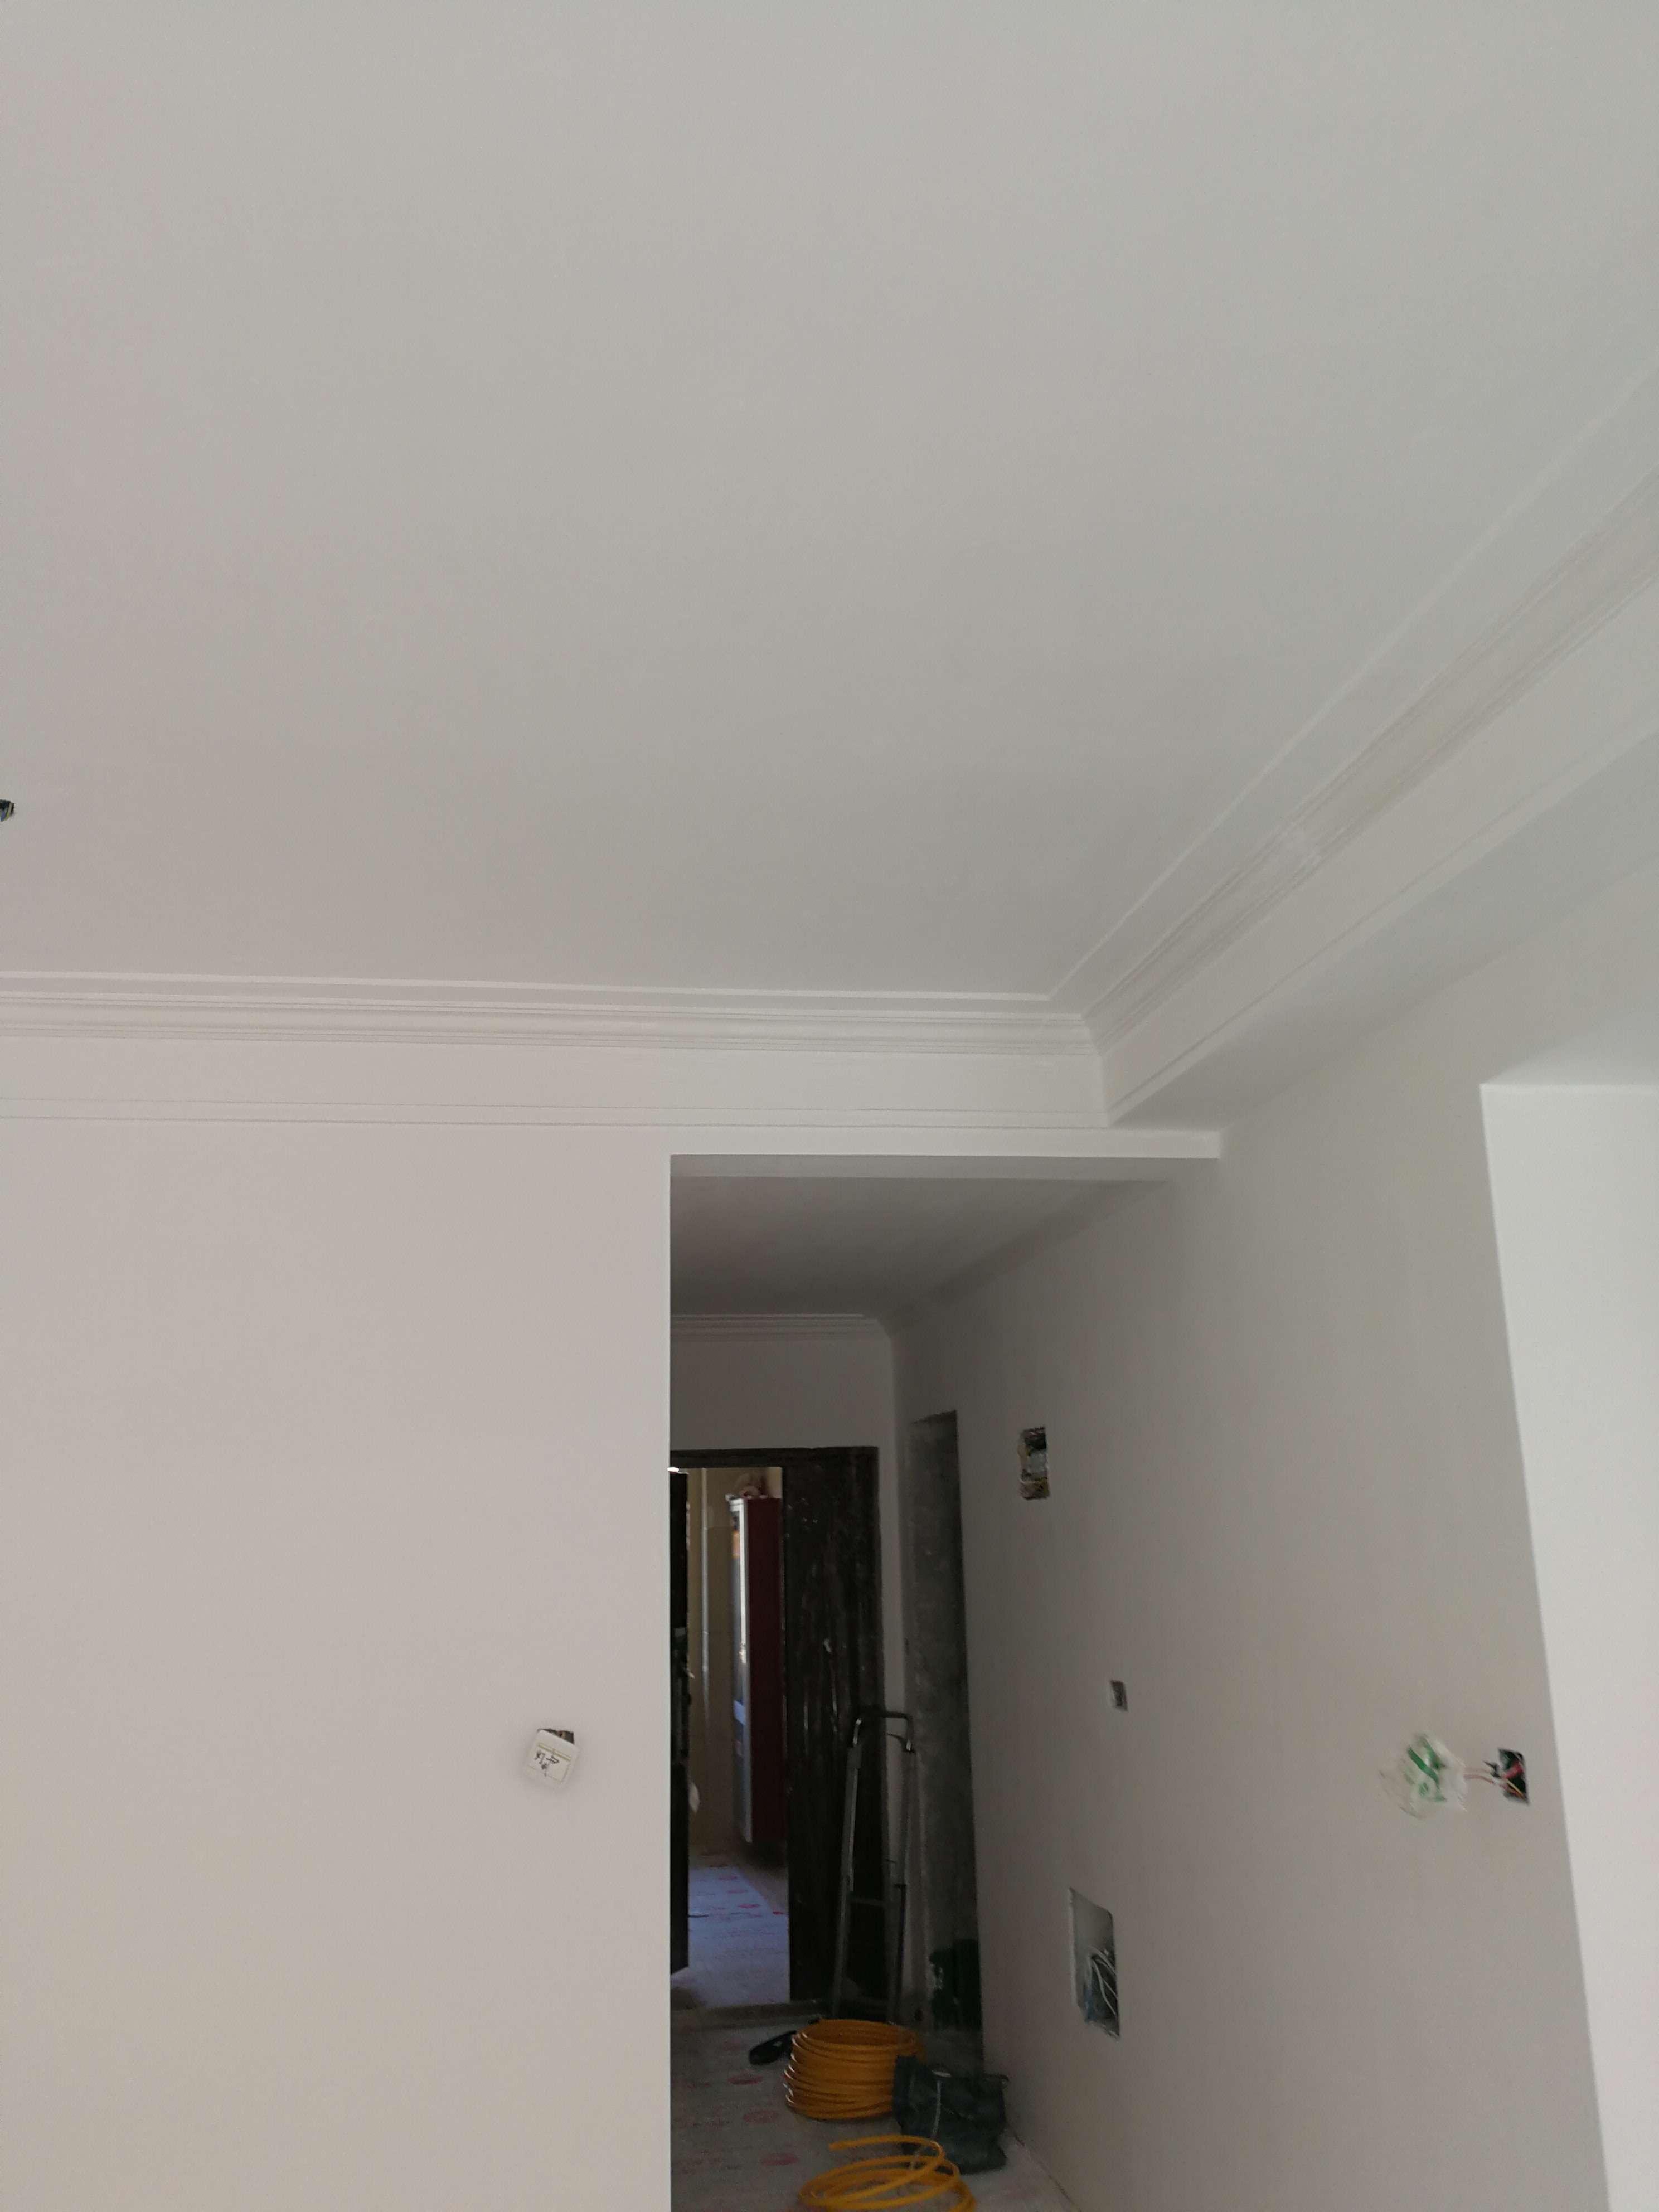 油漆工做工很细腻,严格按照公司要求底漆加面漆工艺和施工要求操作,墙面平整度达标。